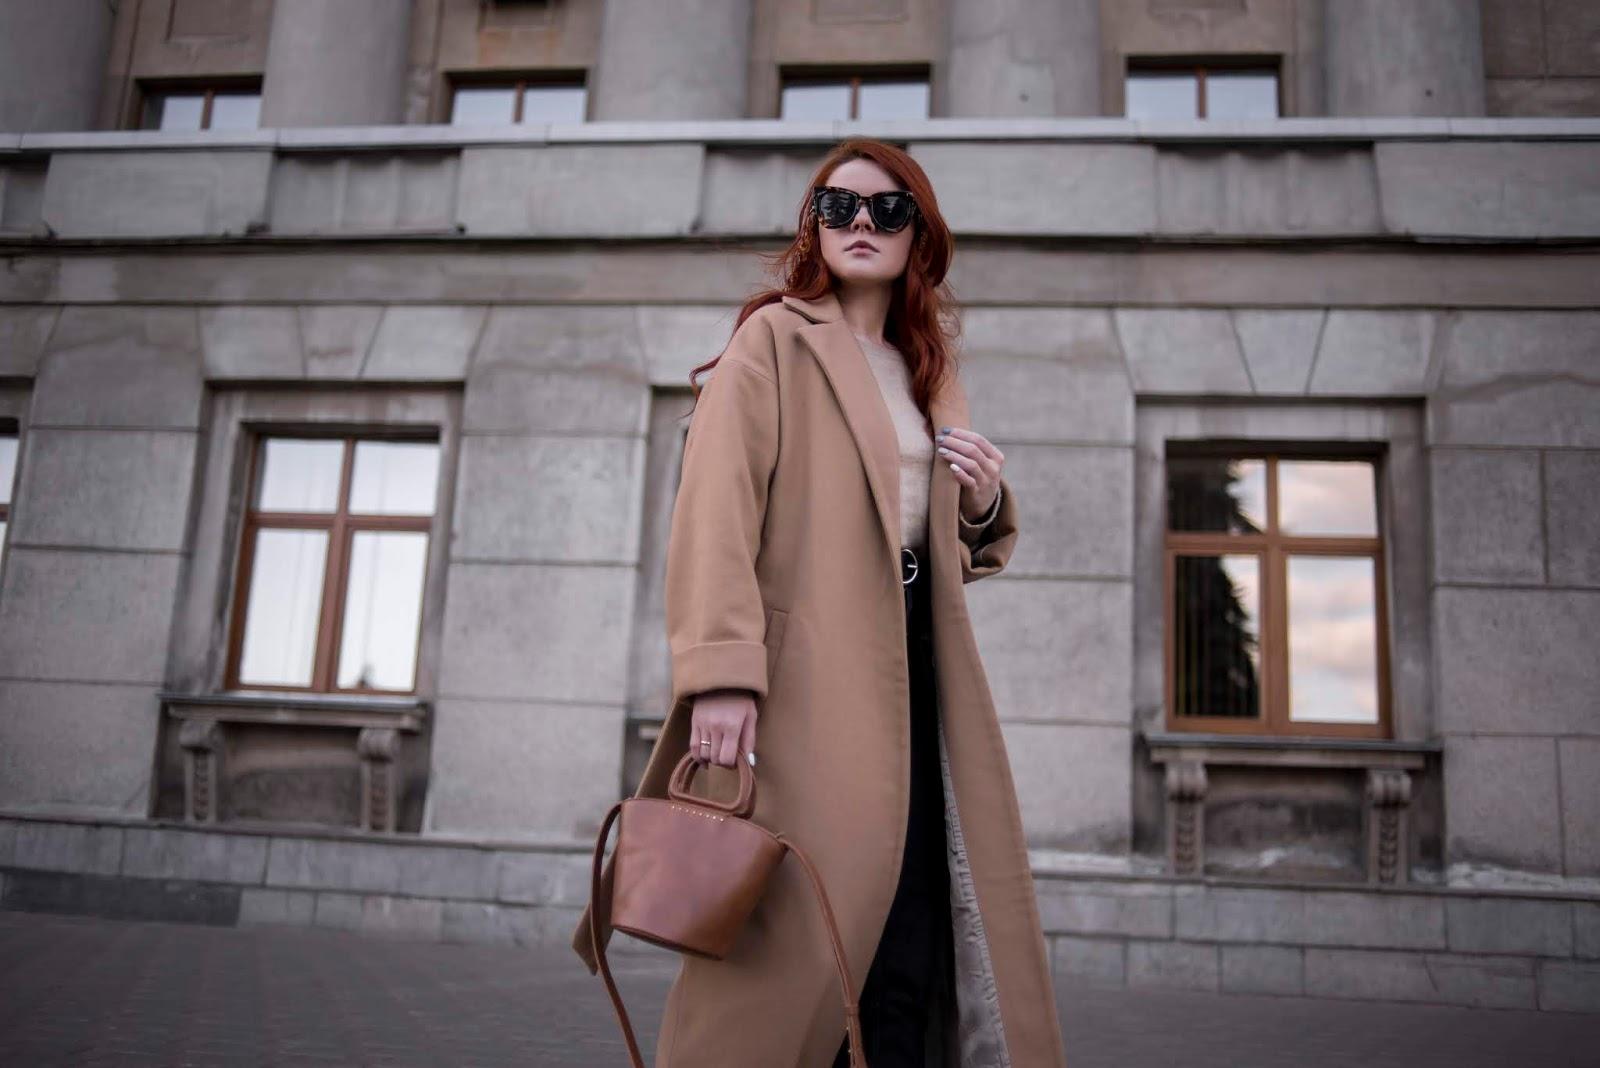 http://www.recklessdiary.ru/2019/10/shopbop-trendy-modnye-tendencii-osen-zima-2019-2020-modnaya-verhnyaya-odezhda-svitera-dzhinsy.html